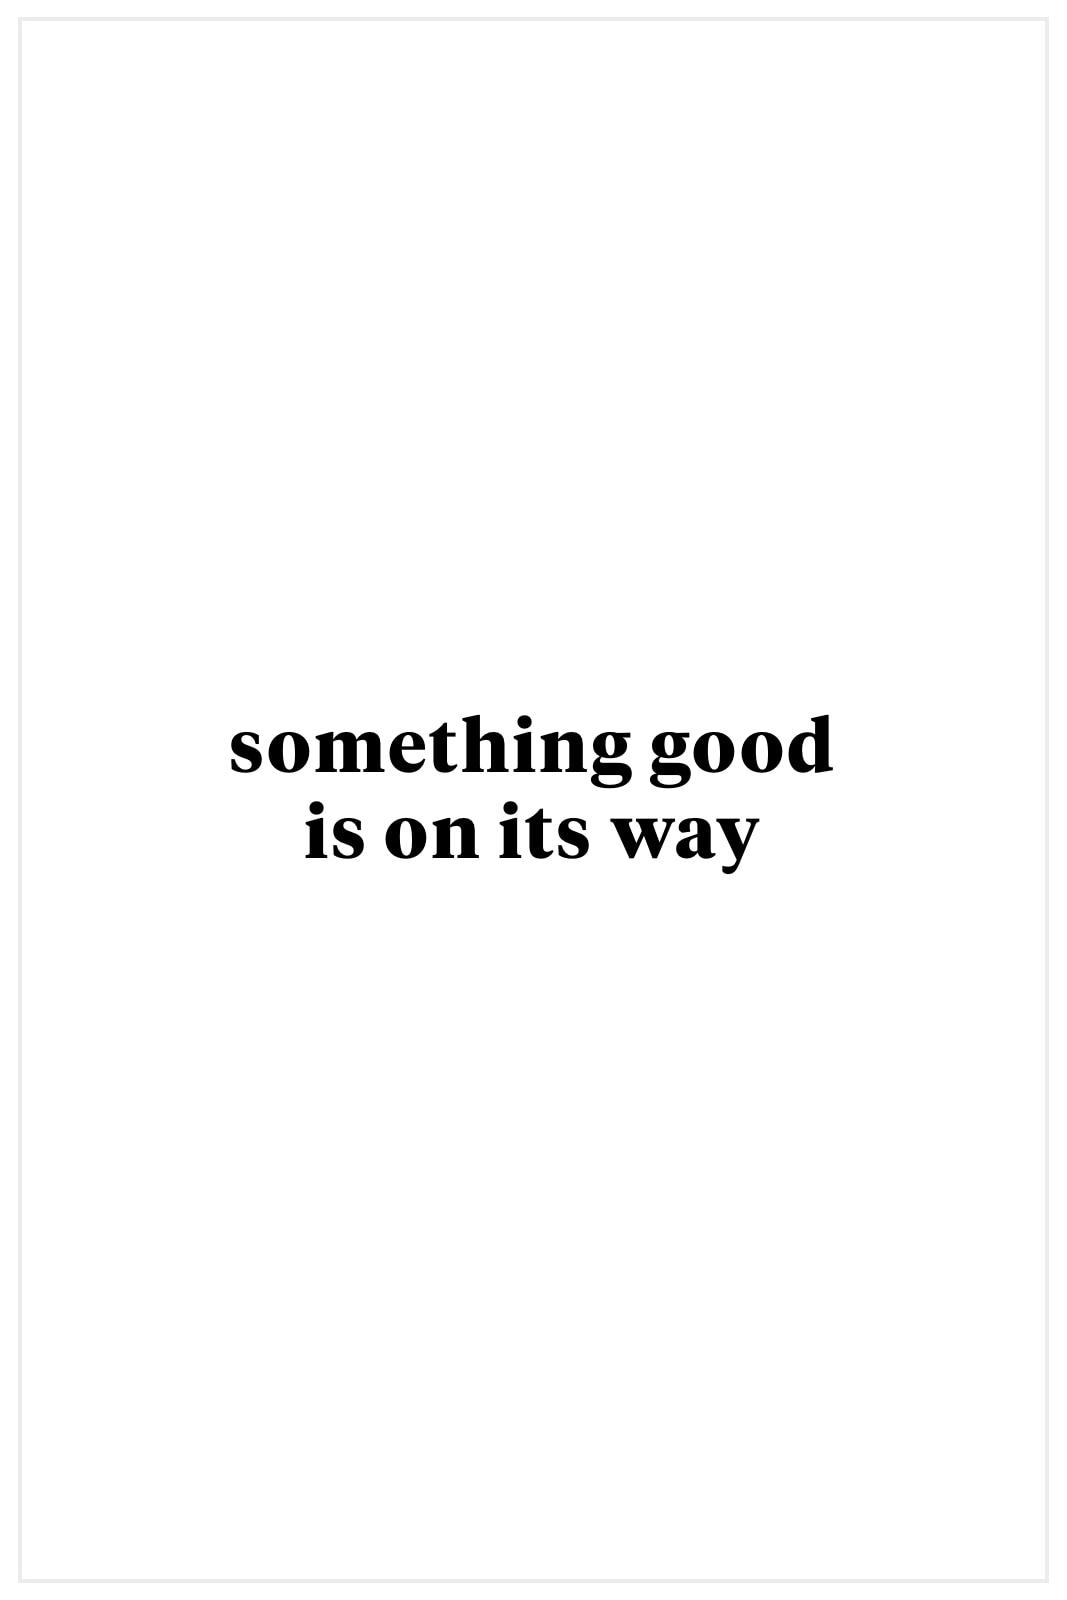 Camilla Double Chain Necklace